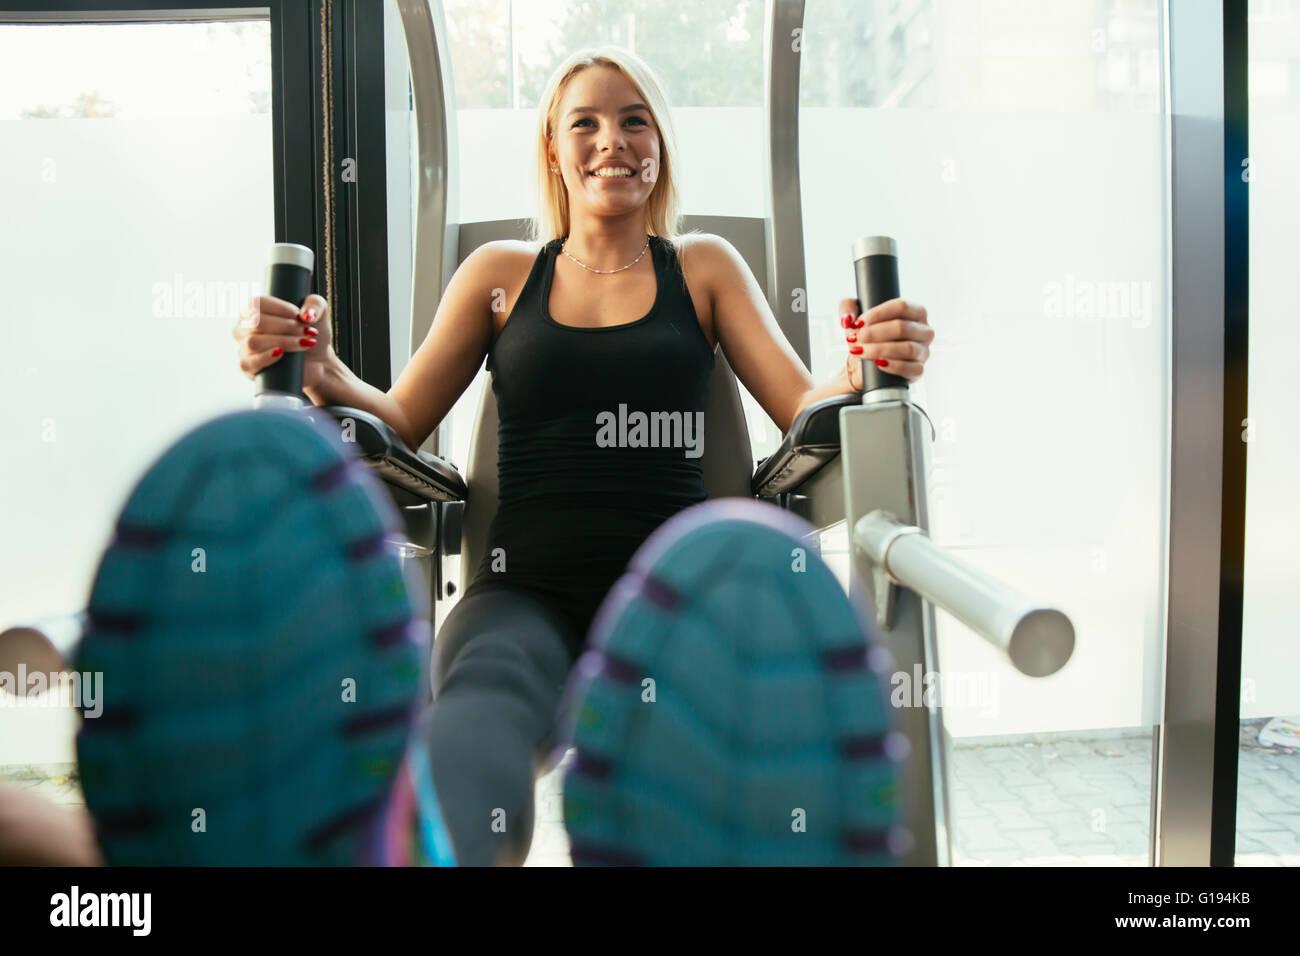 Schöne Frau, training im Fitness-Studio und Körper in Form halten Stockbild